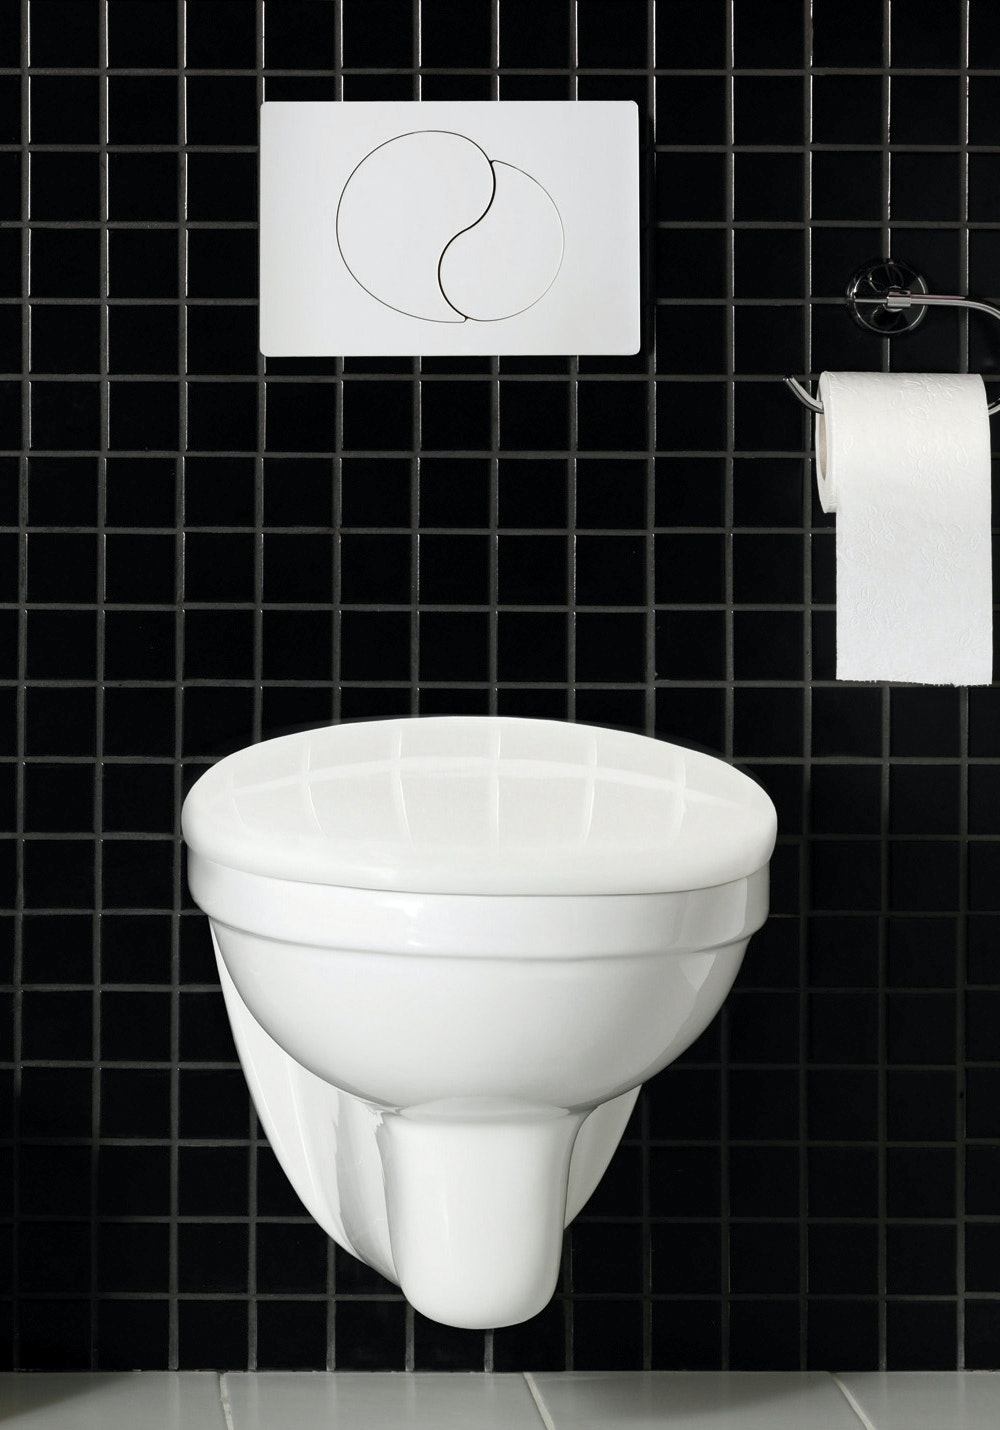 Toalett Hafa Wall Vägghängd Komplett Krom